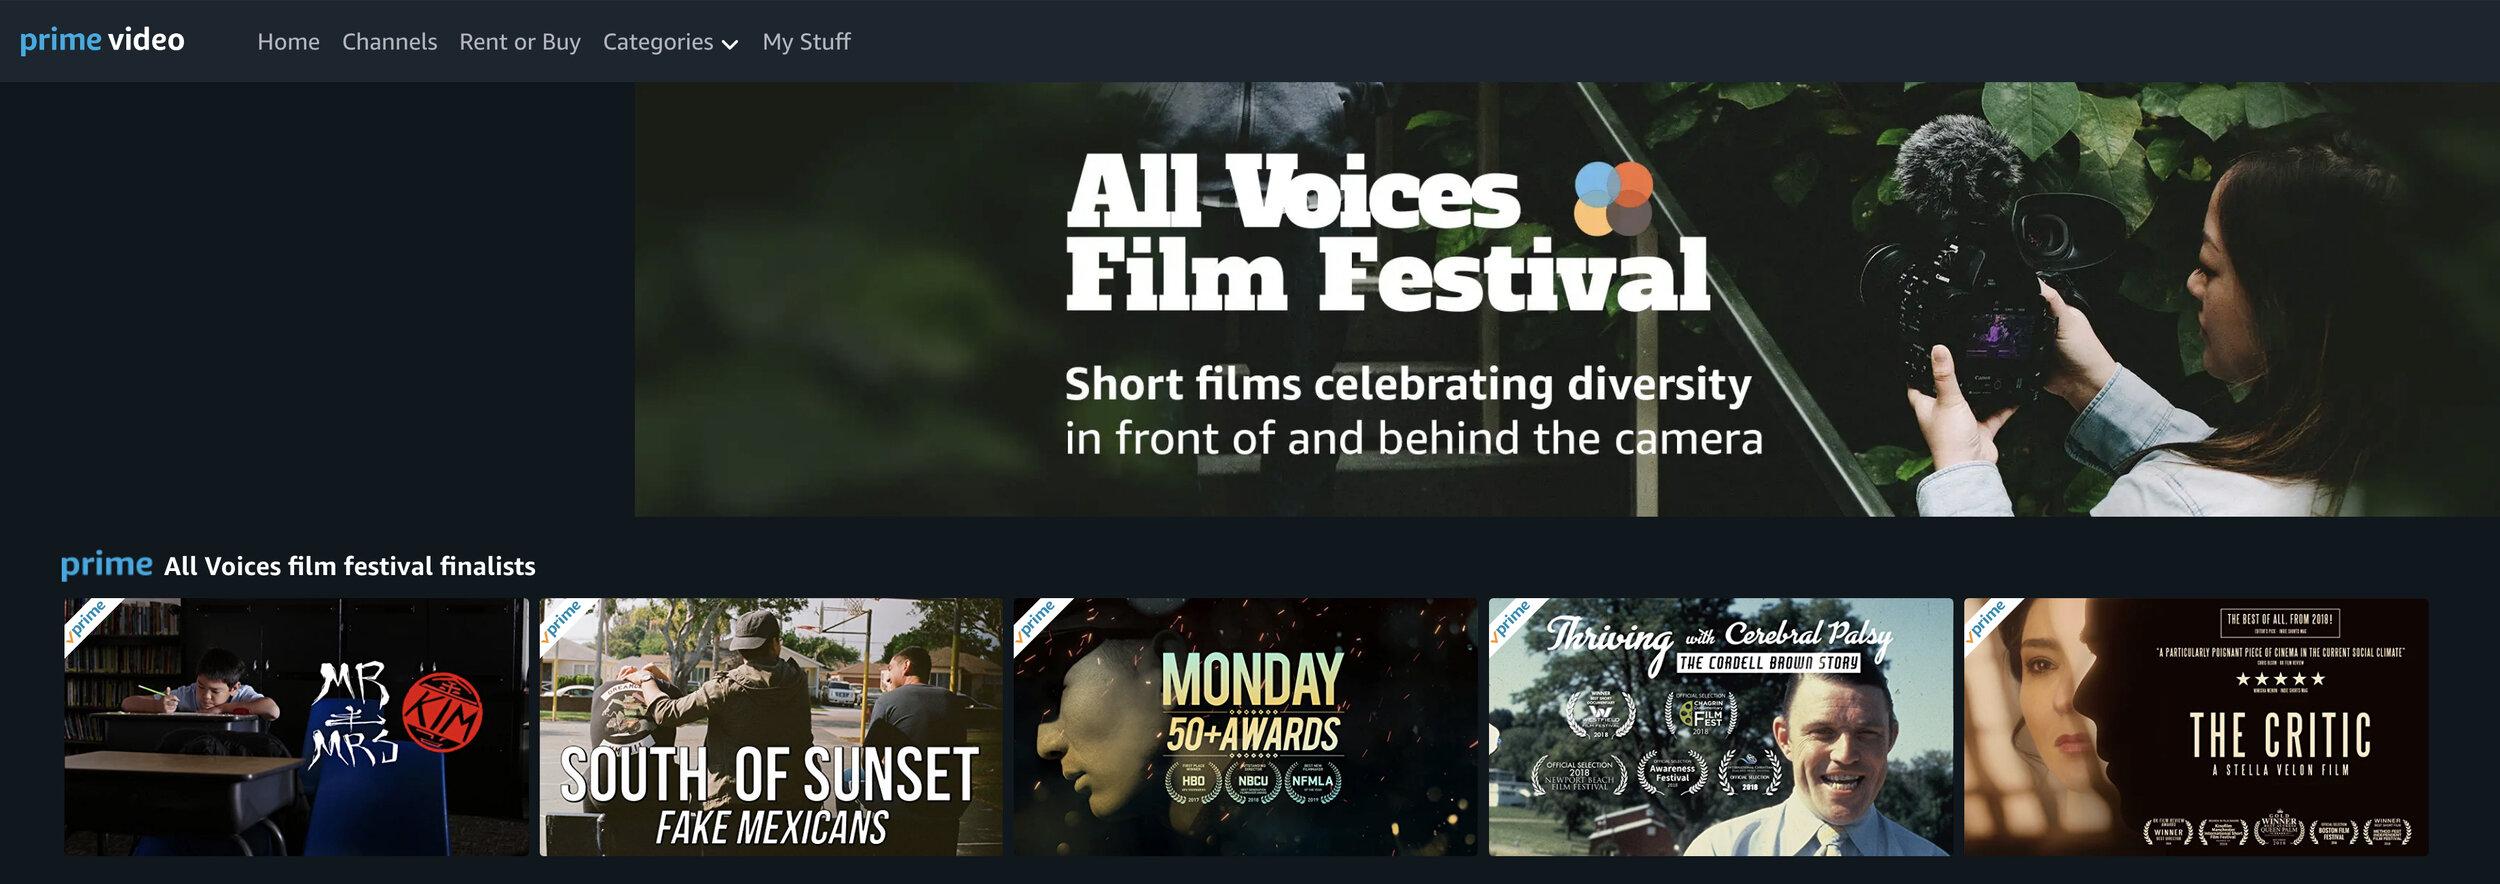 amazon.com/allvoices